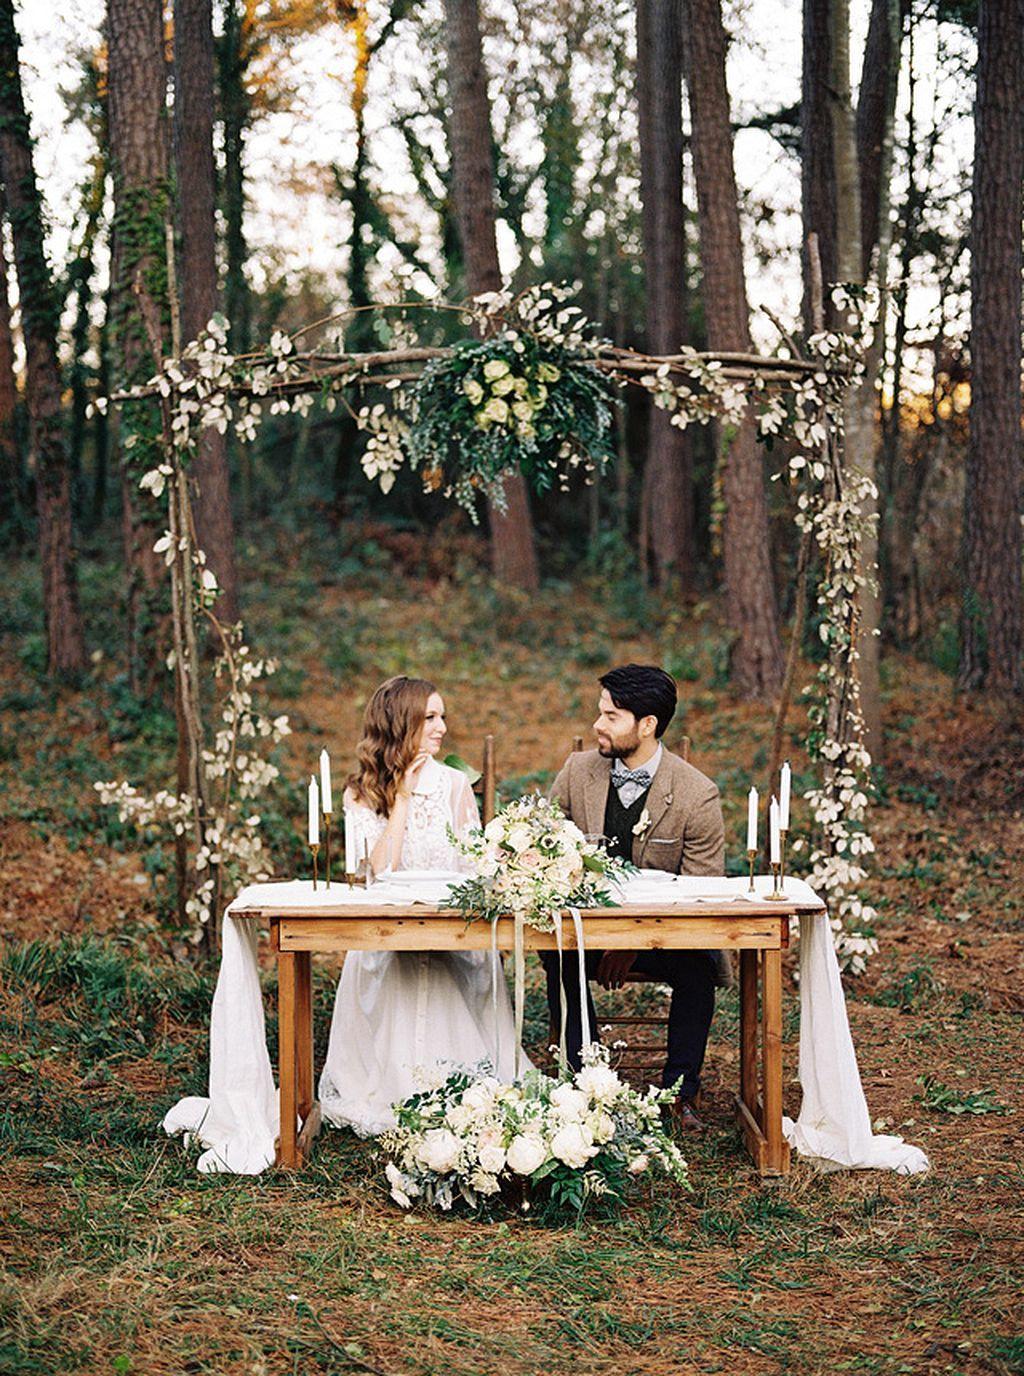 pin by casady hallagin on wedding pinterest weddings wedding